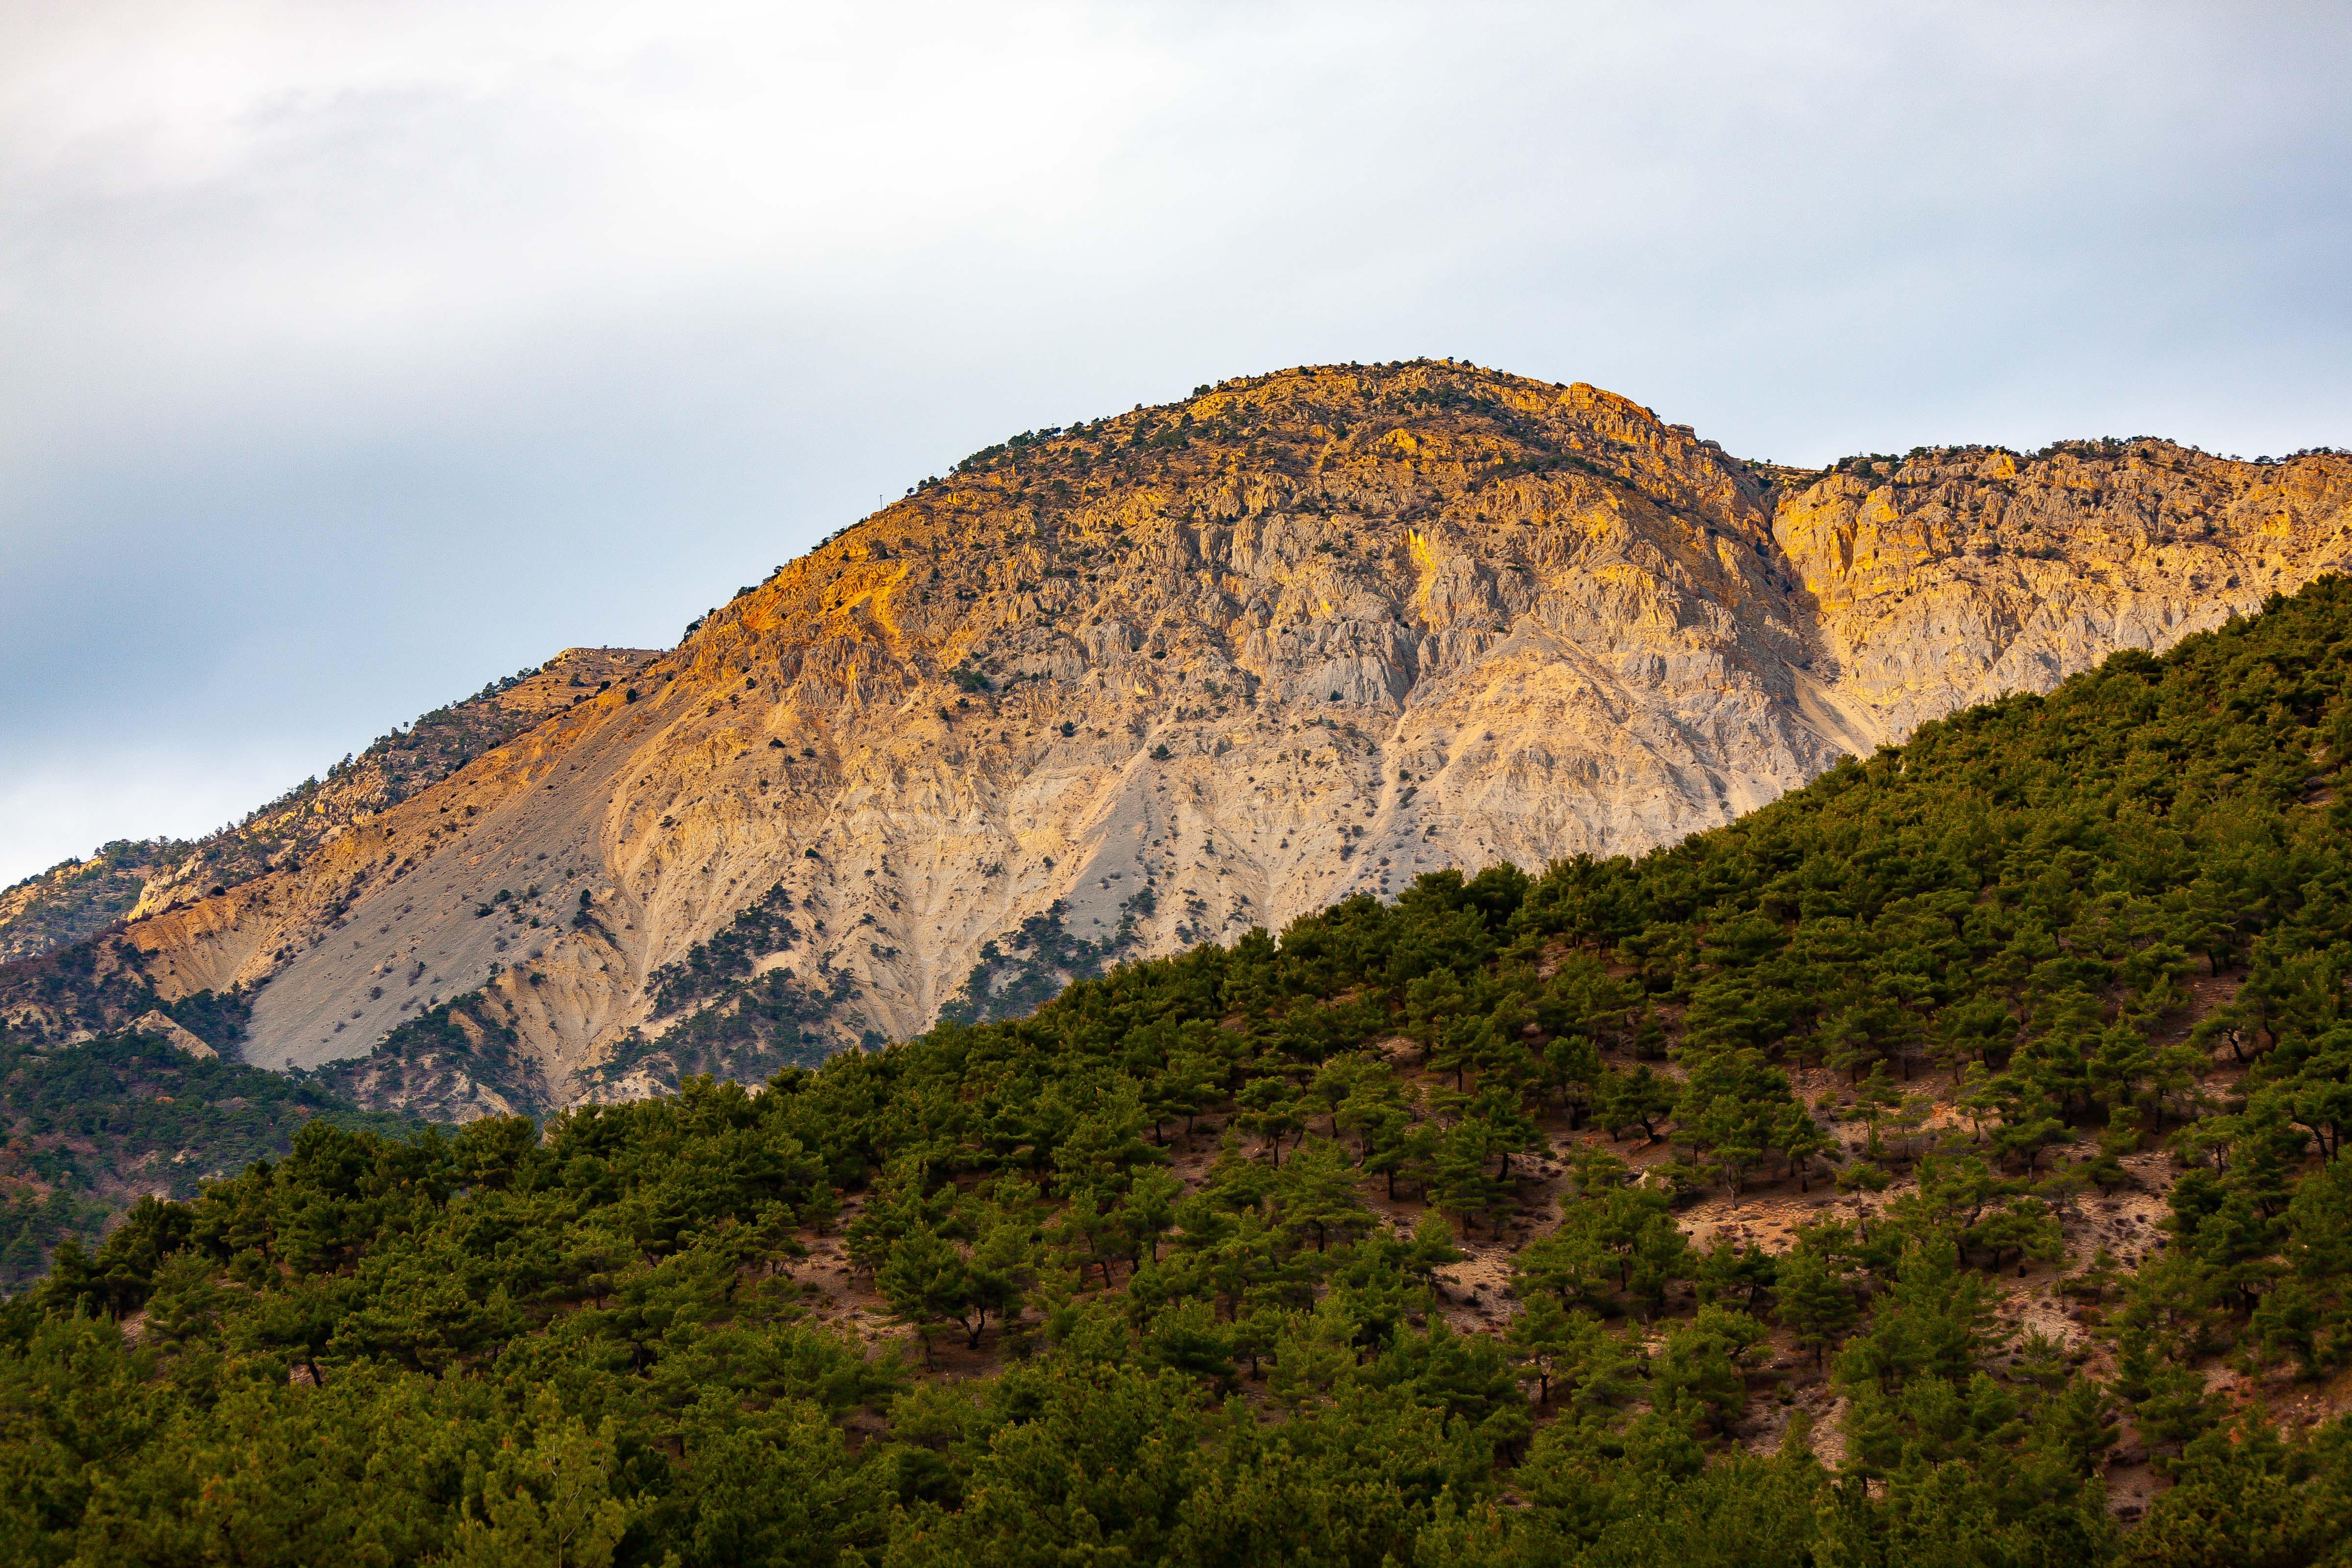 Turkey, Tokat Prov, Mountain, 2009, IMG 2578